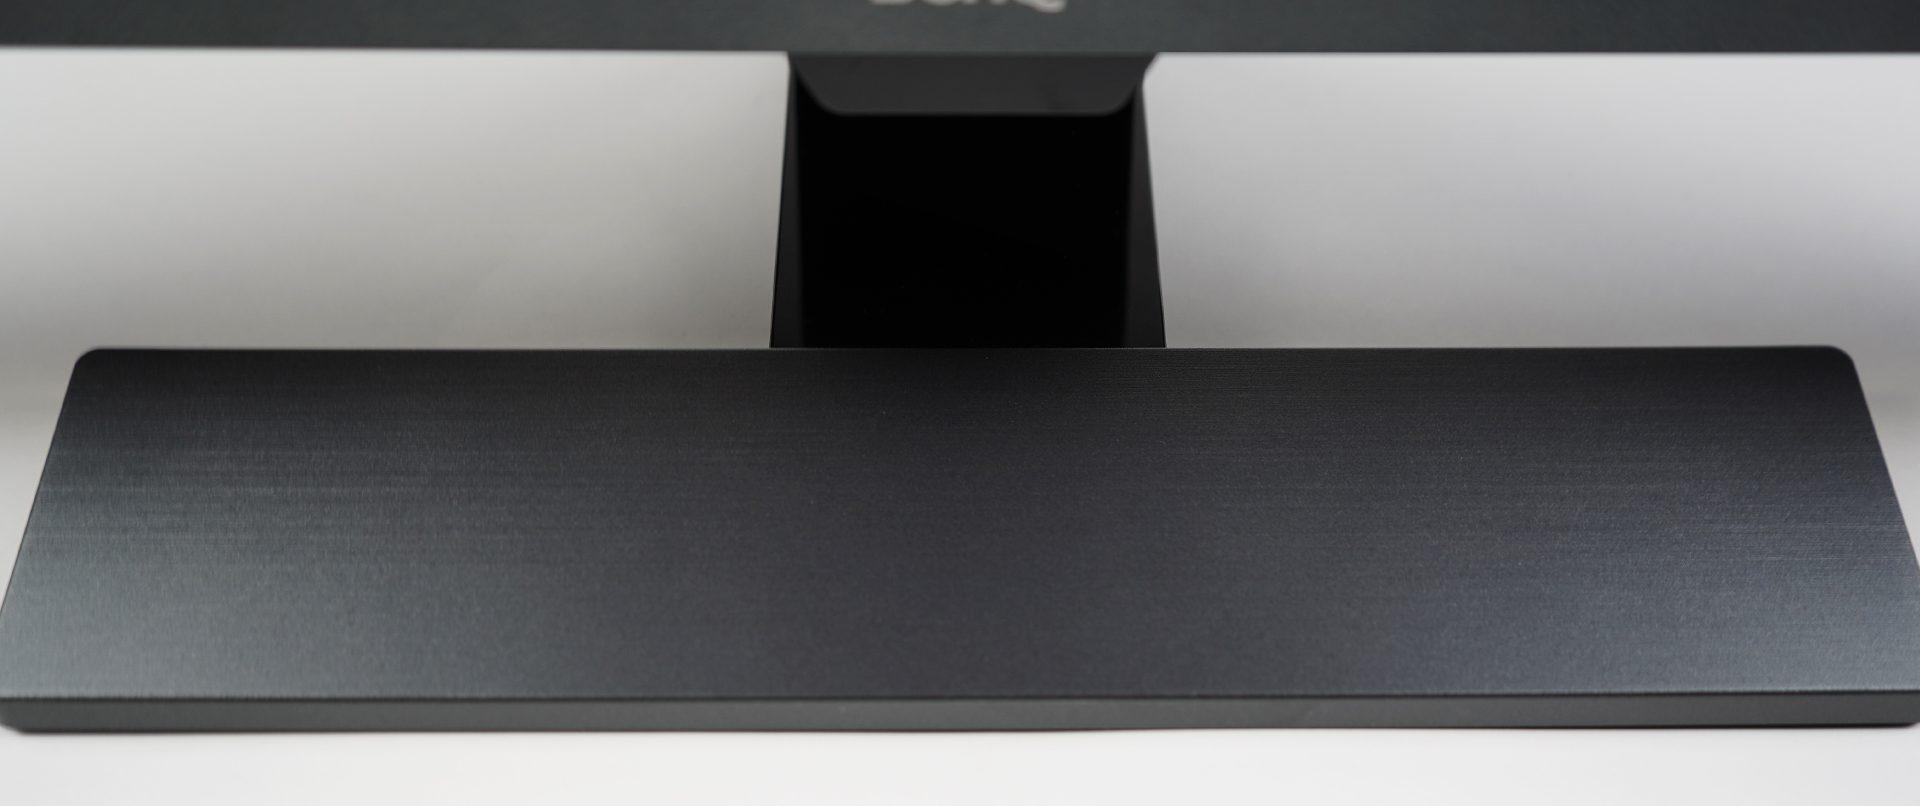 BenQ EL2870U Standfuß Design 2